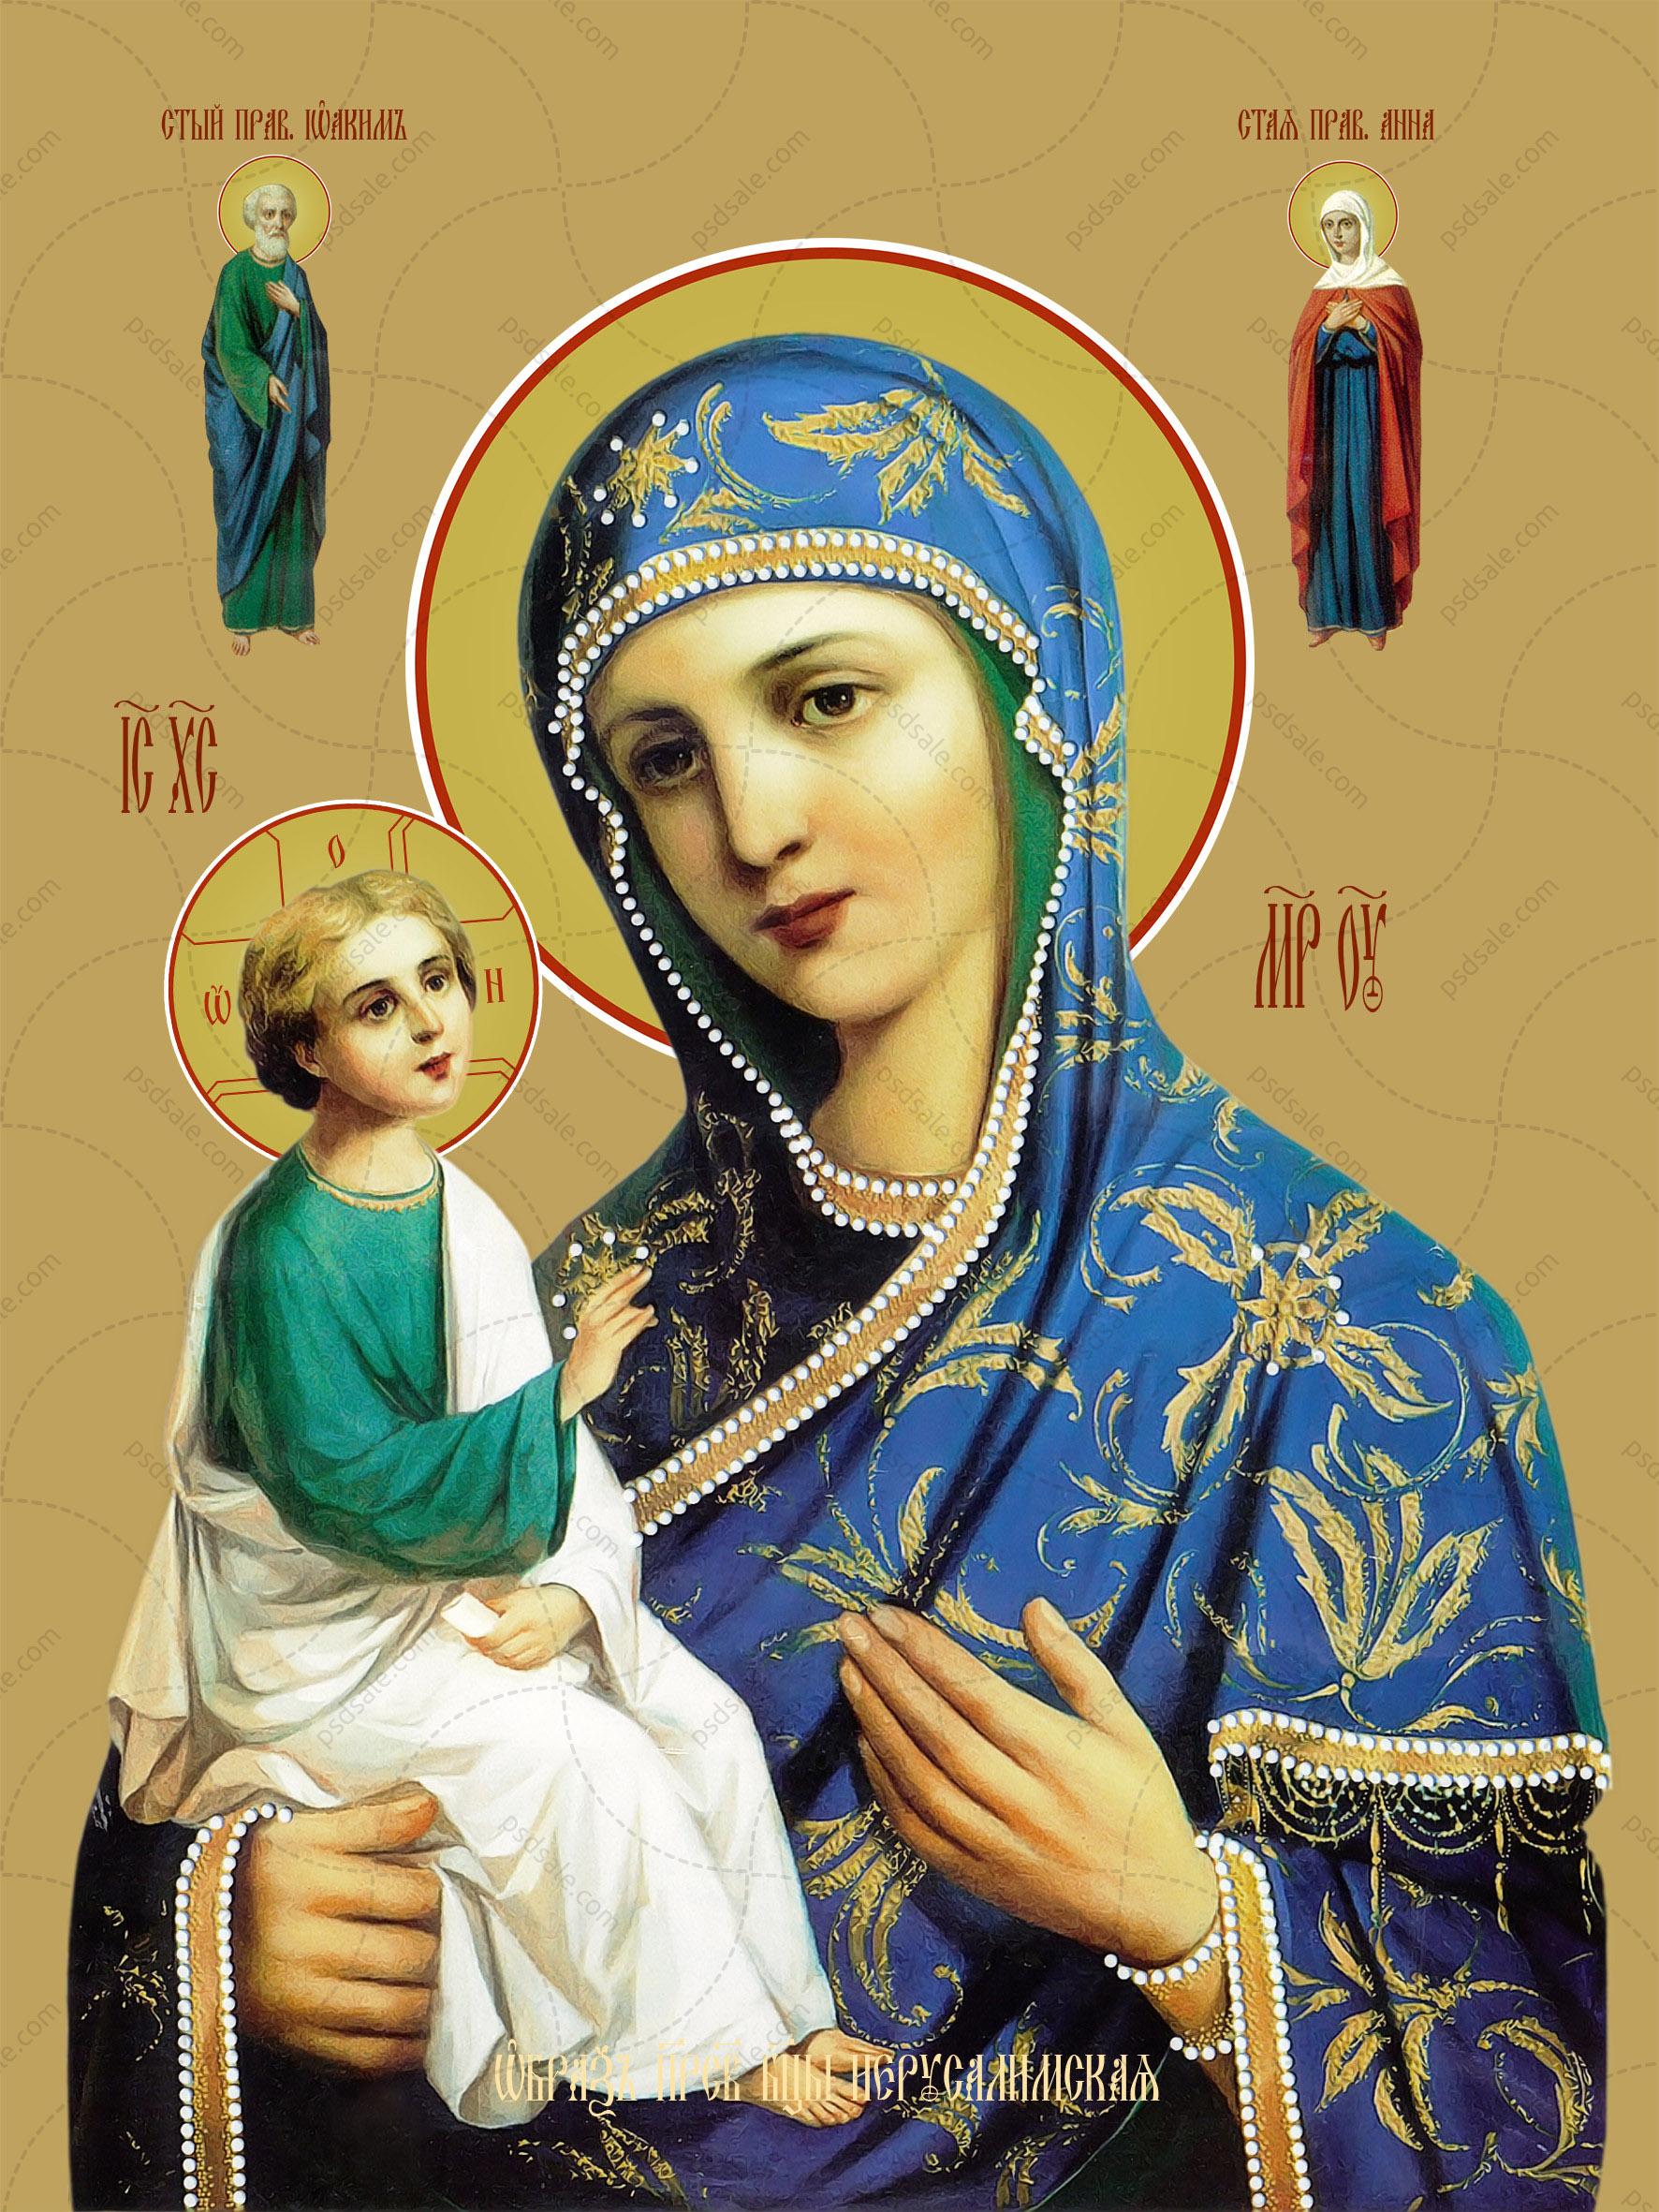 Иерусалимская икона божьей матери